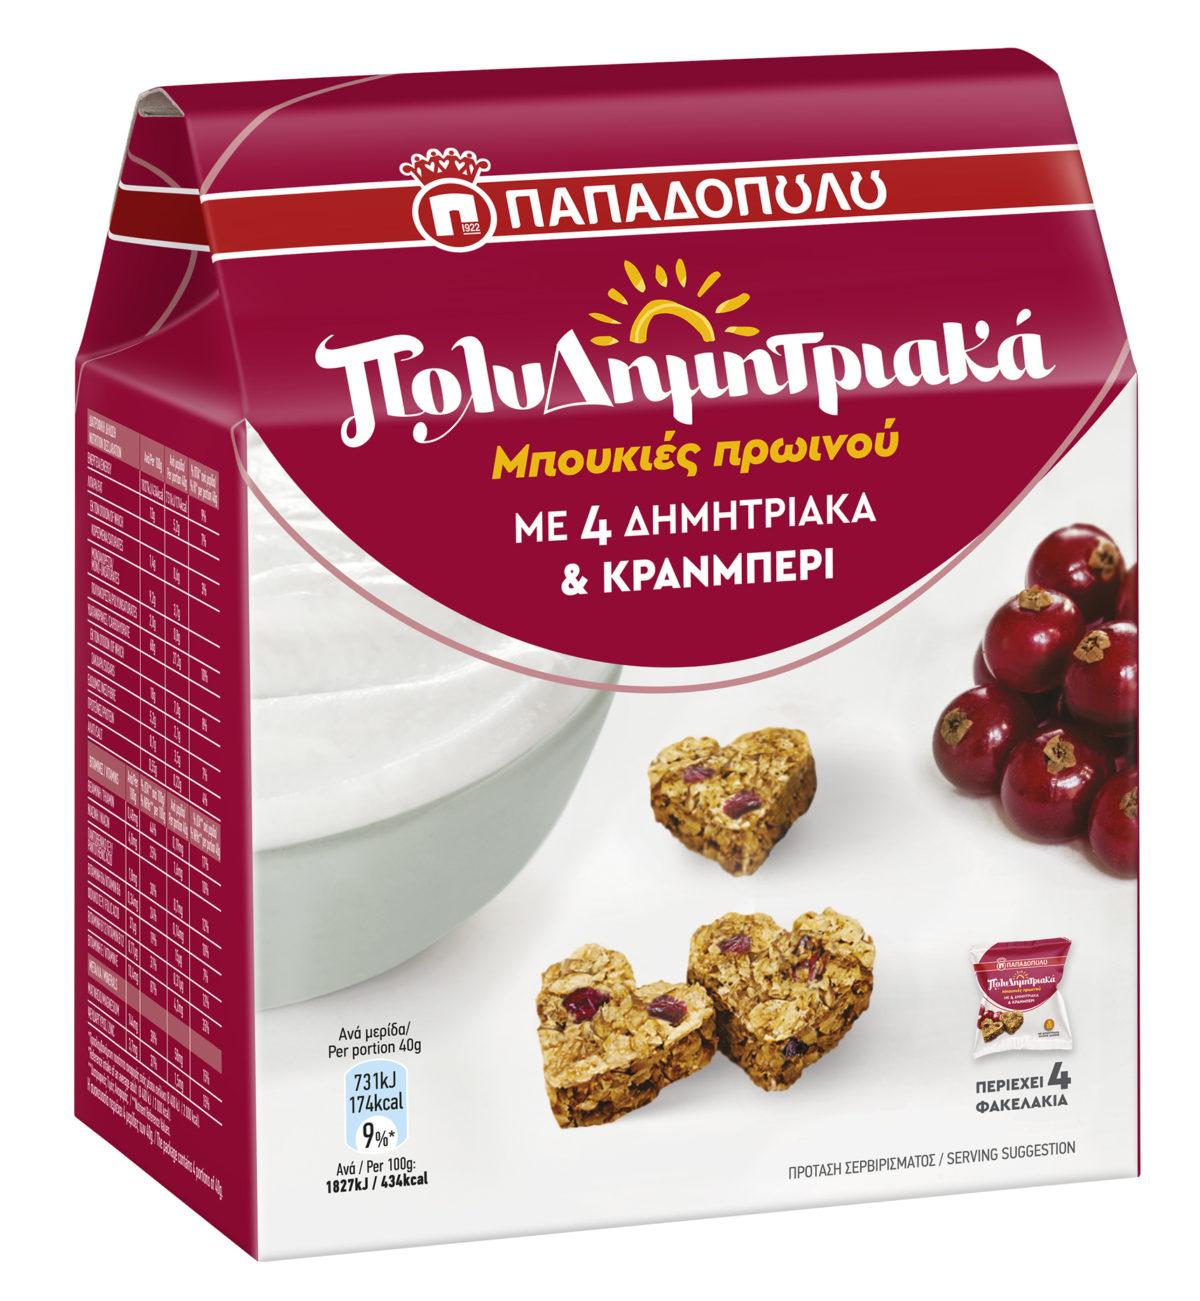 Τα ΠολυΔημητριακά Μπουκιές Πρωινού θα γίνουν η αγαπημένη σας πρωινή συνήθεια!